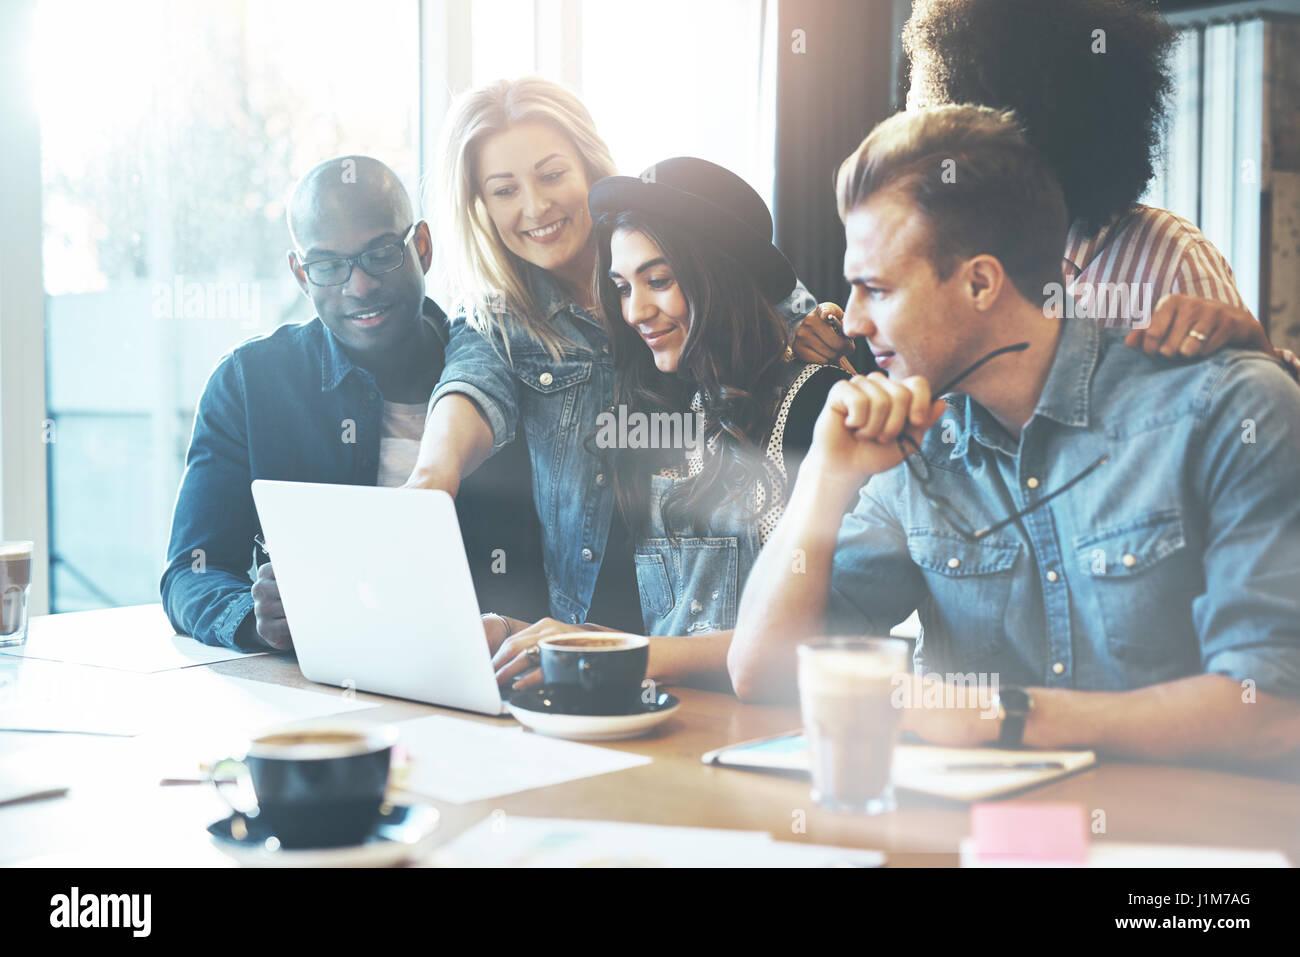 Femme montrant ses collègues quelque chose sur un ordinateur portable qui se rassemble autour d'une table Photo Stock